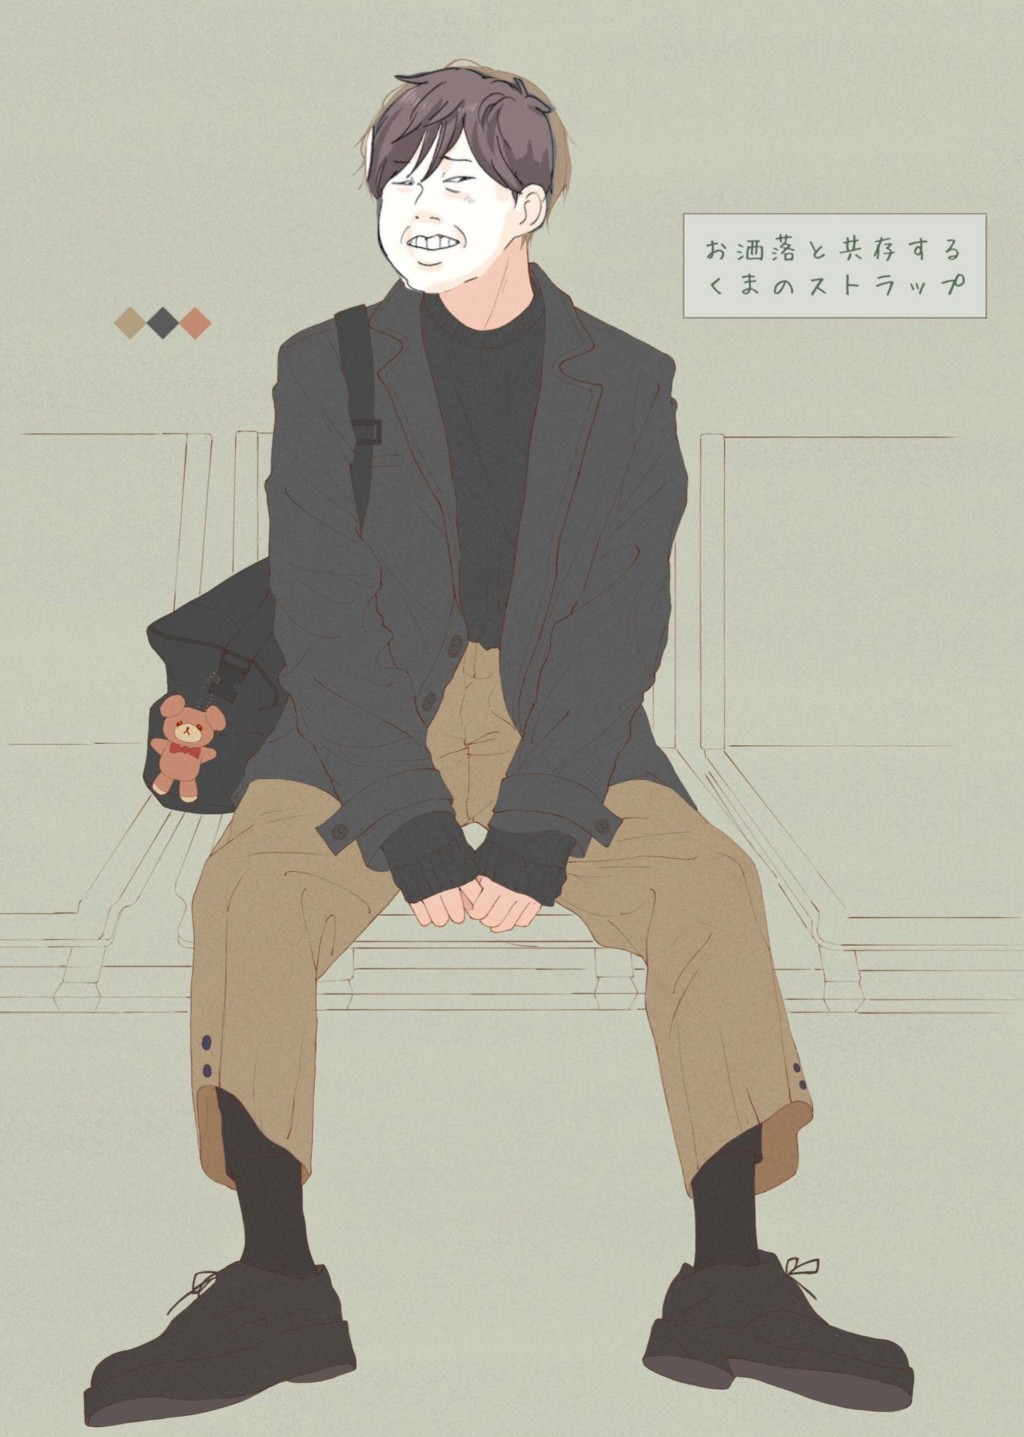 網瘋傳4種「讓人秒戀愛」的反差萌 偶爾使壞的「乖乖牌」最讓人心動!